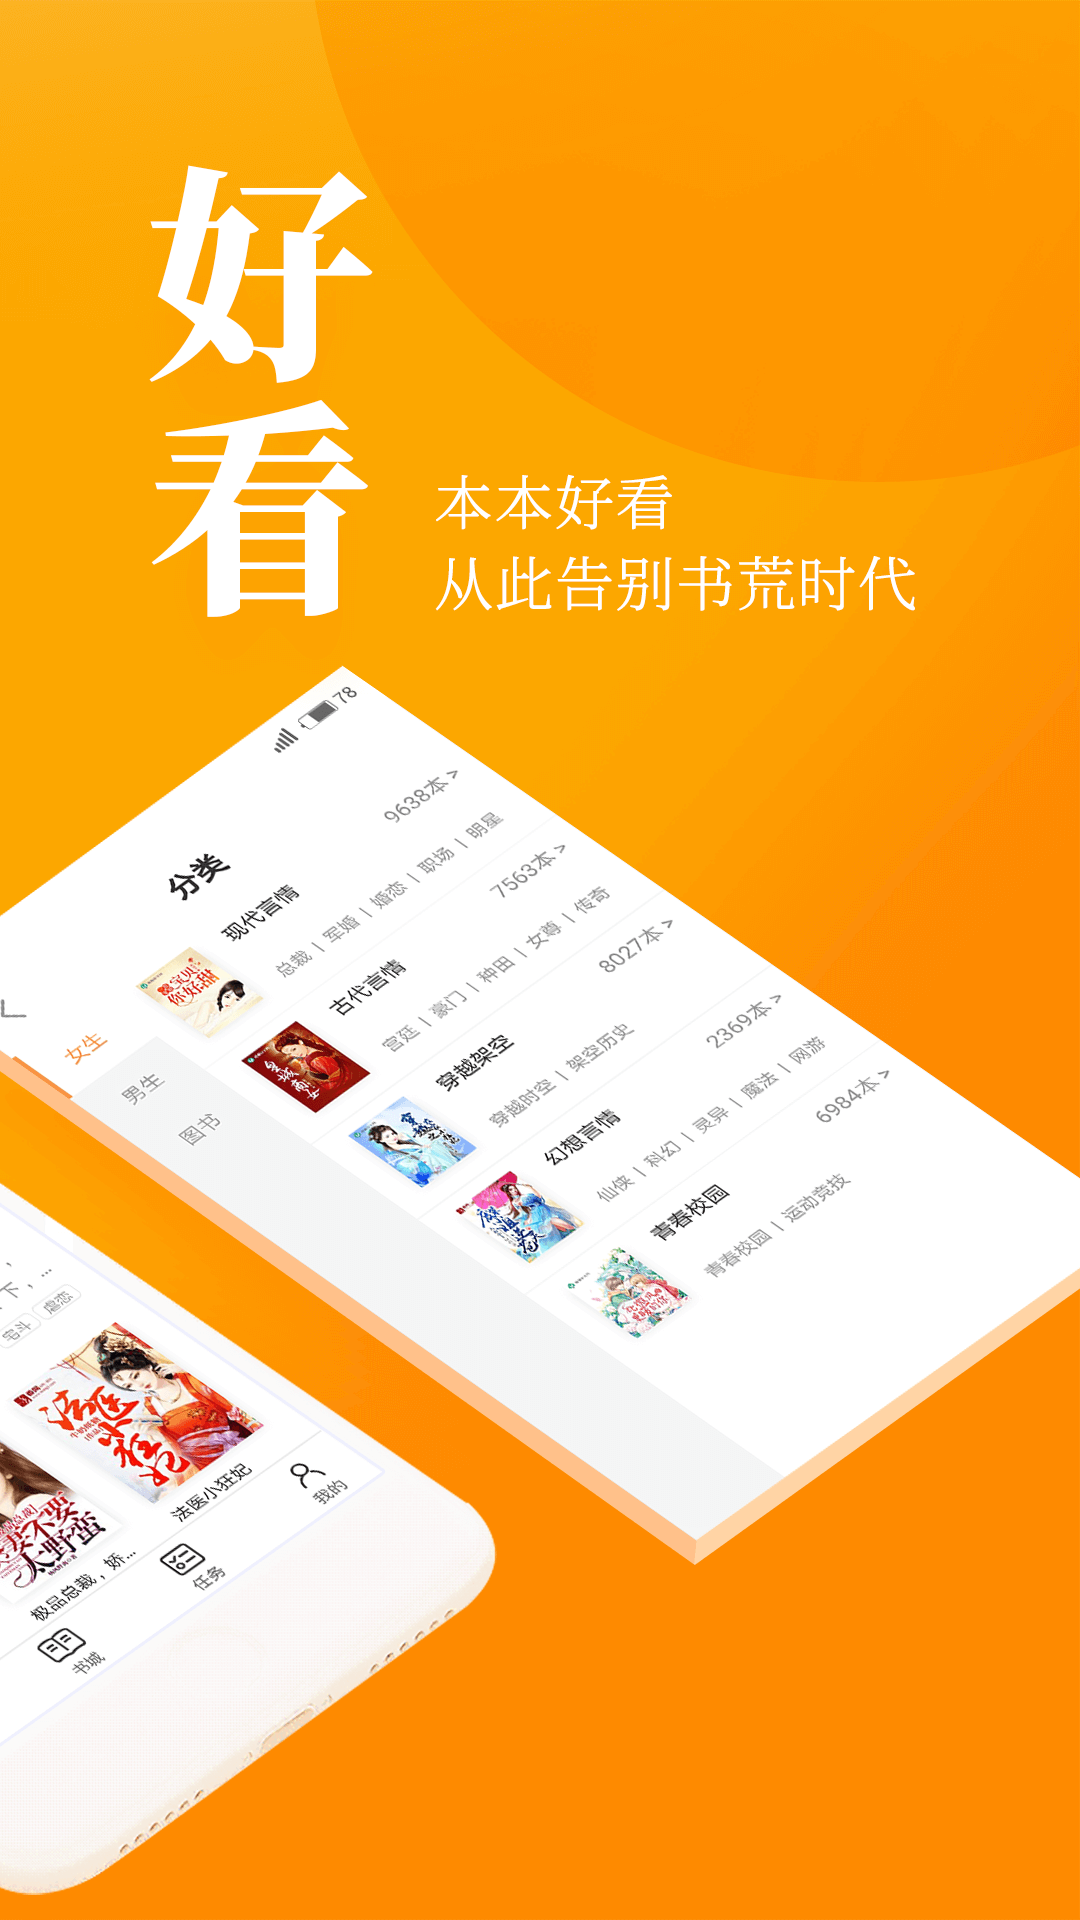 七猫精品小说内购破解版 V5.11 安卓版截图1